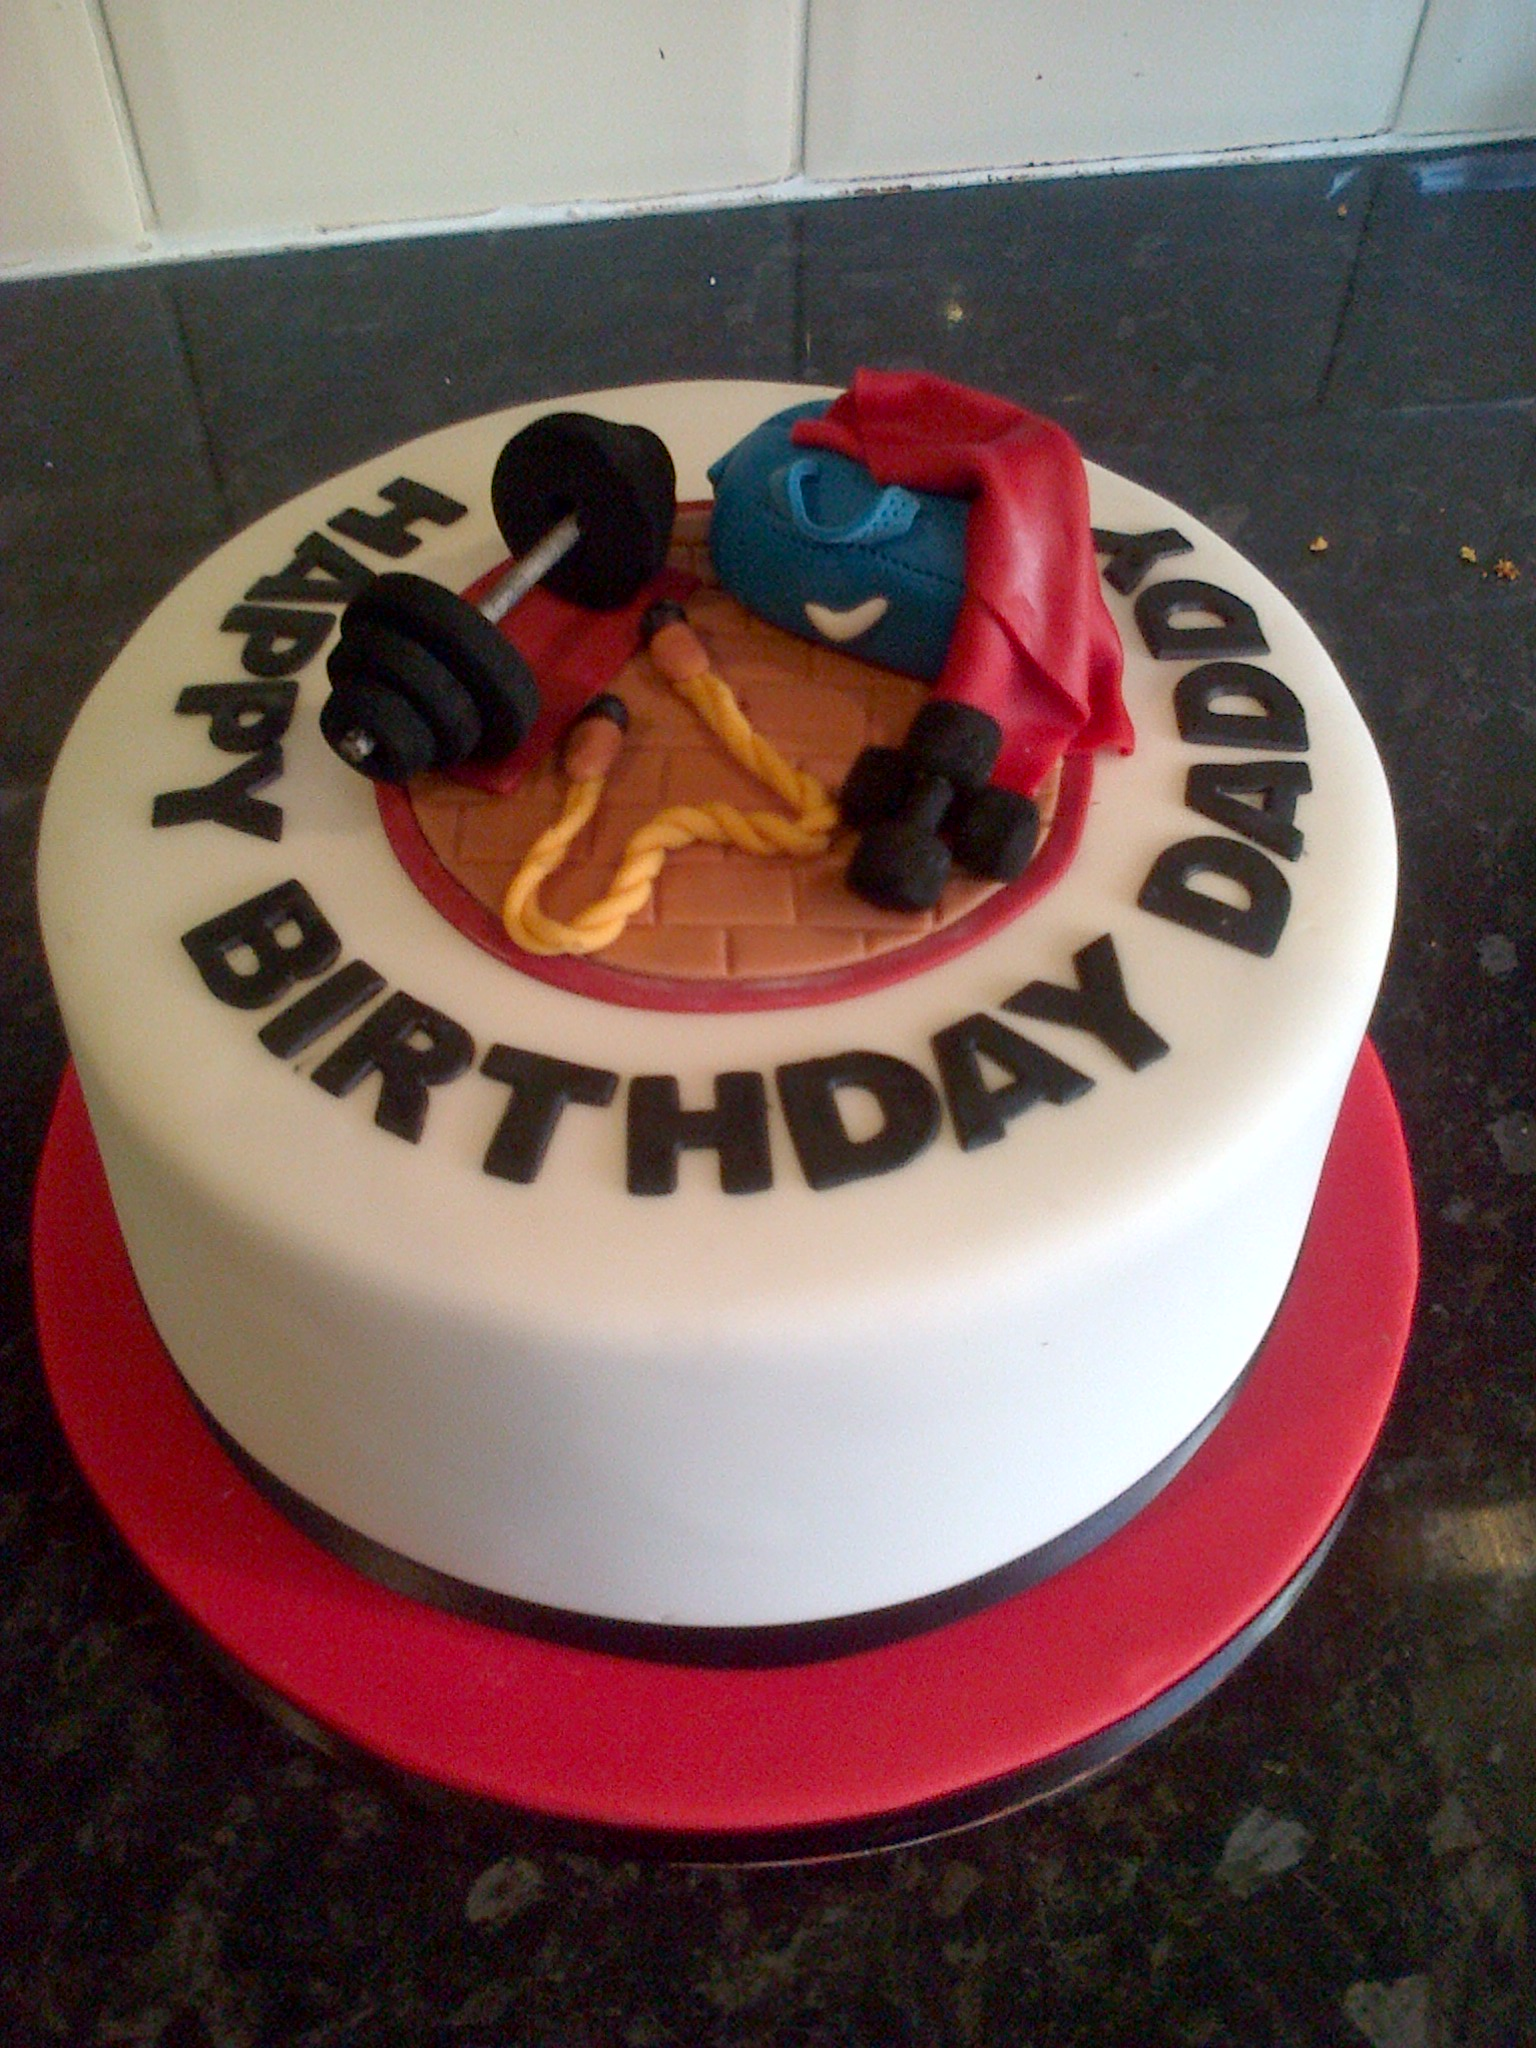 Celebration Cakes The Baking Room